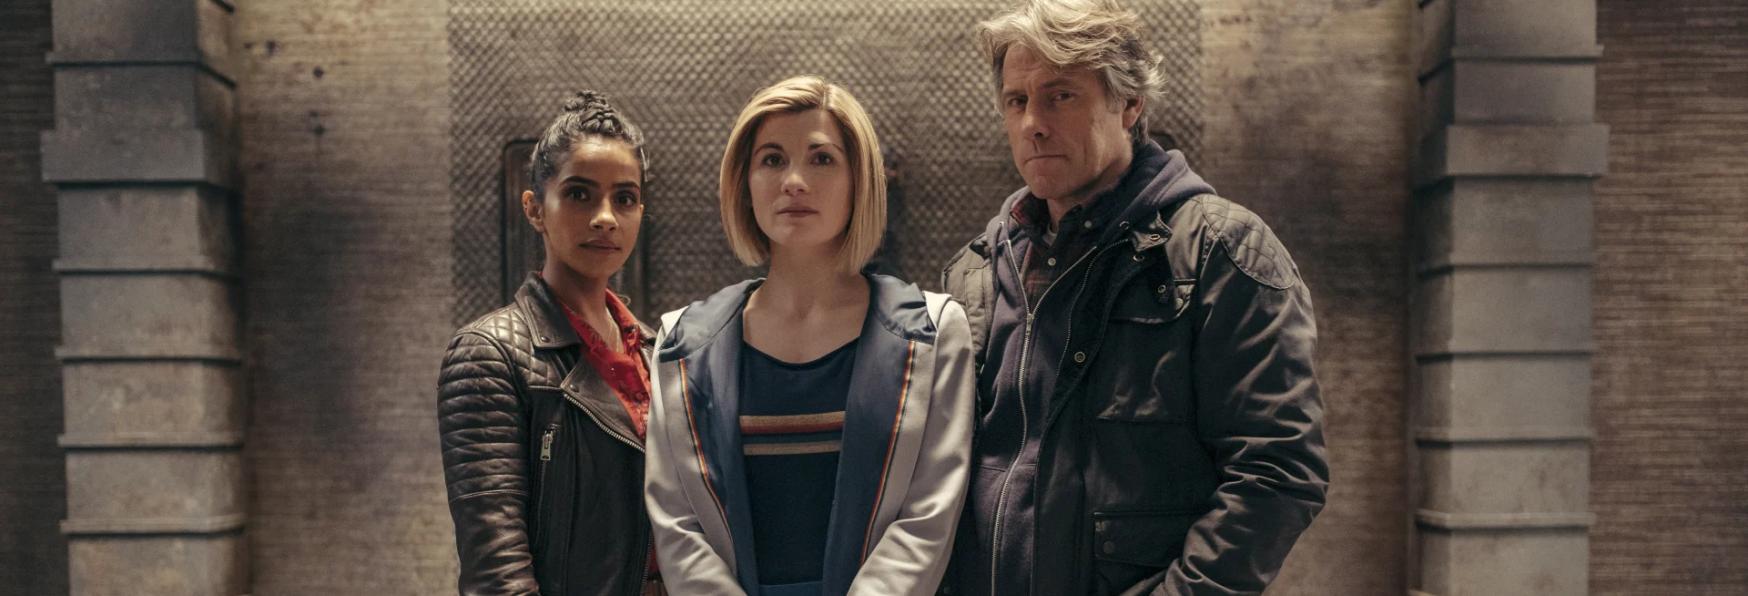 Doctor Who 13: la Data di Uscita e il Teaser Trailer della nuova Stagione